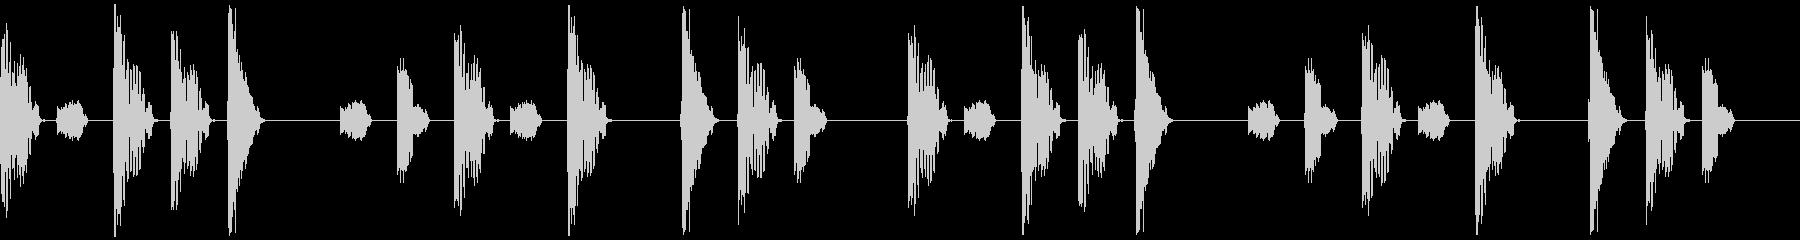 トリックアウトバージョン3の未再生の波形